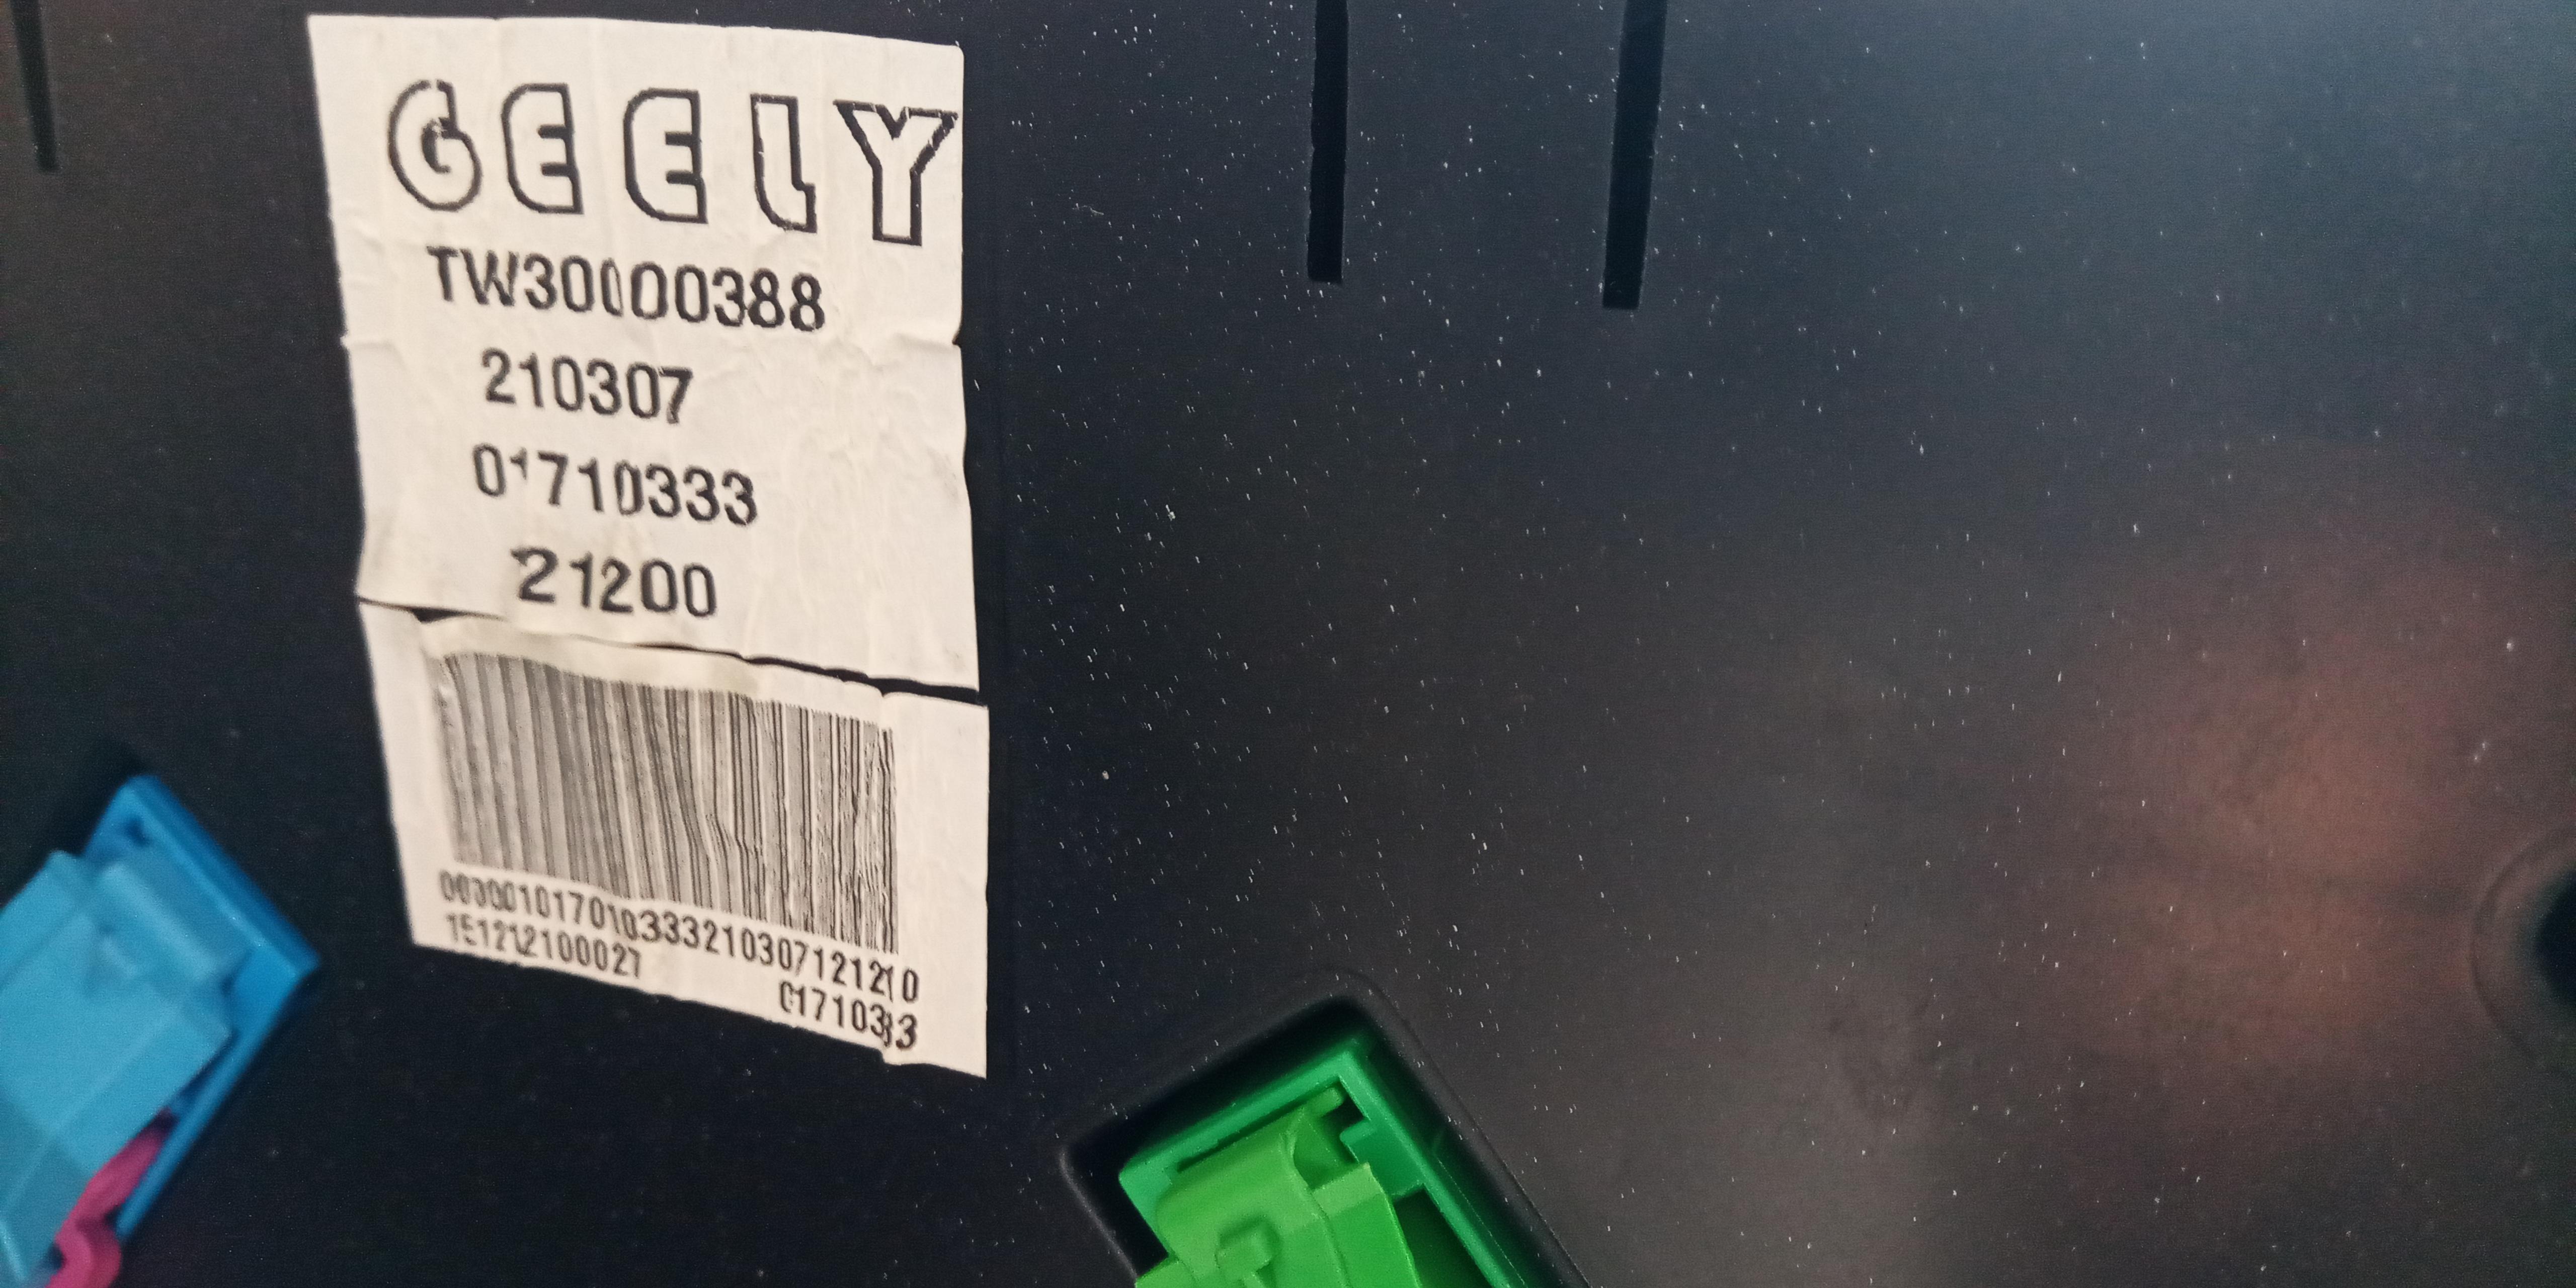 吉利汽车-吉利EC8 仪表盘不显示任何数据